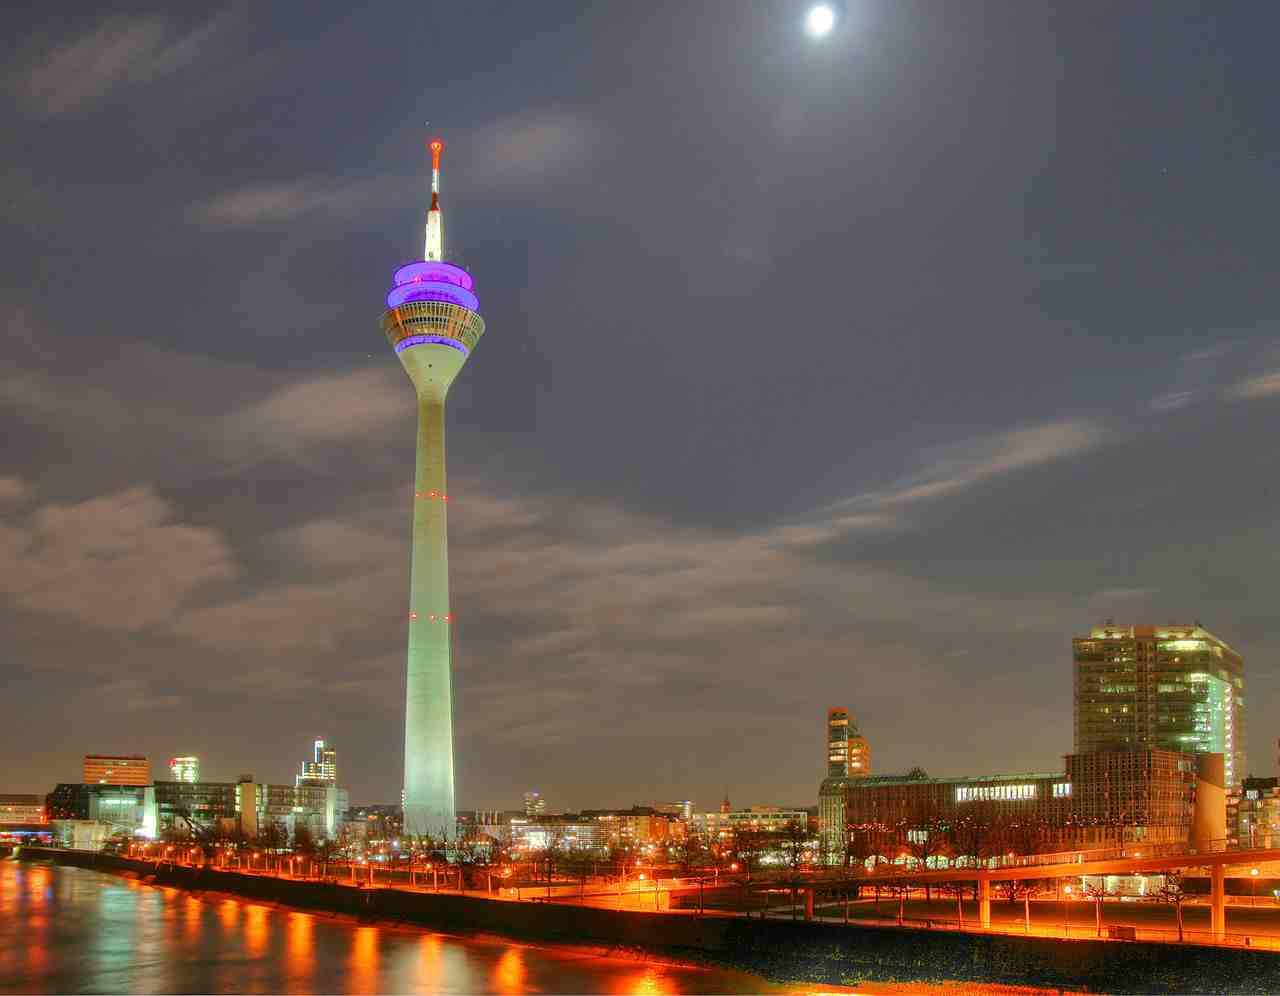 برج الراين من اجمل المناطق السياحية في دوسلدورف